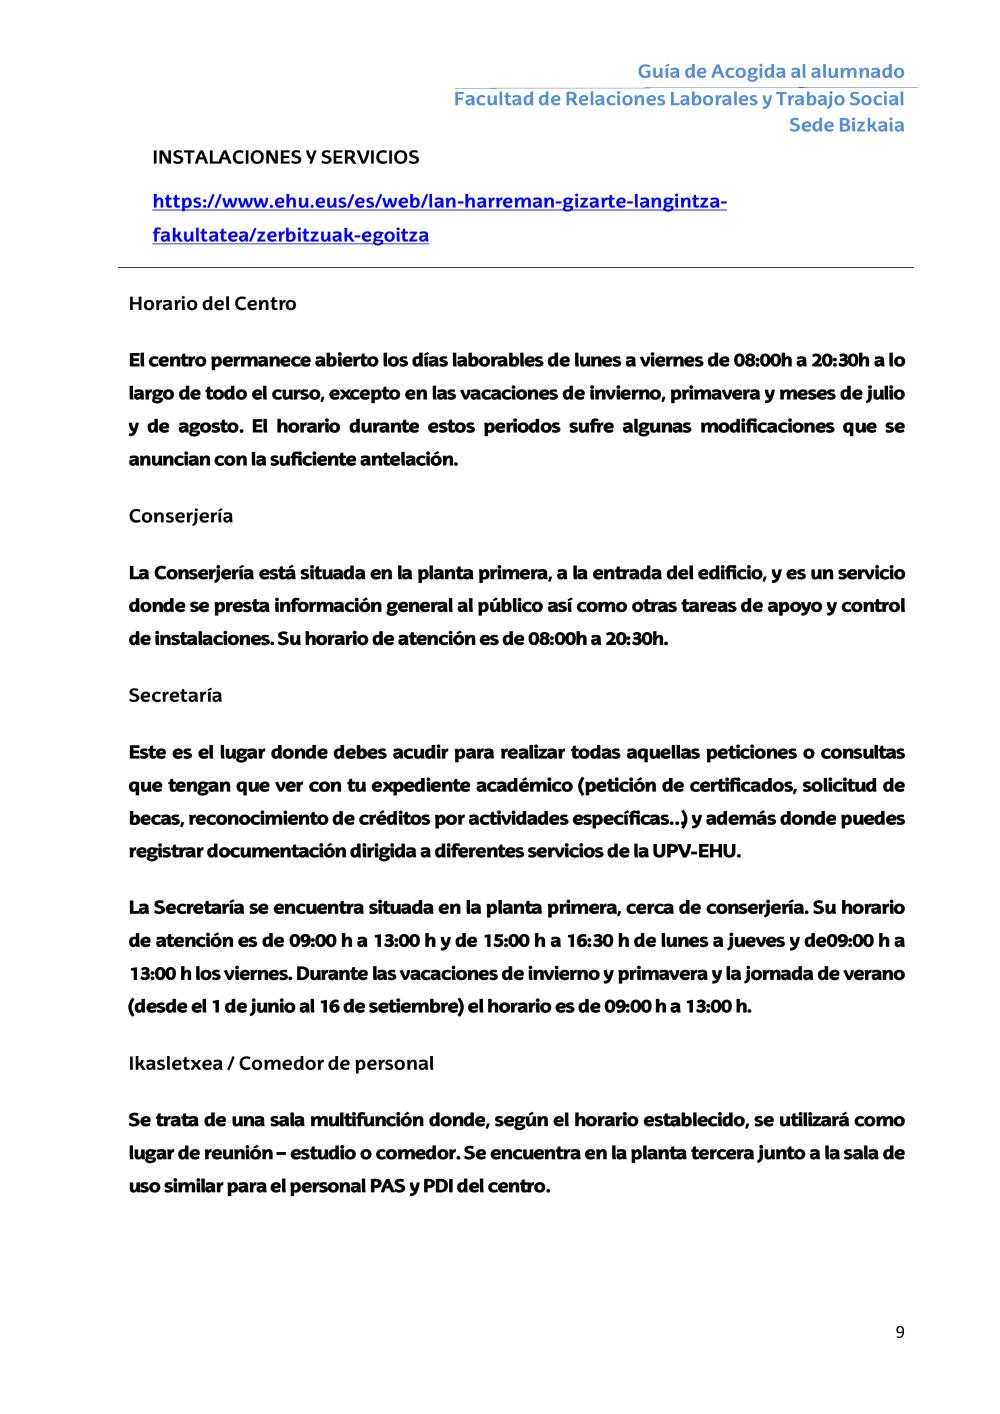 Degrees - Lan Harreman eta Gizarte Langintza Fakultatea - UPV/EHU